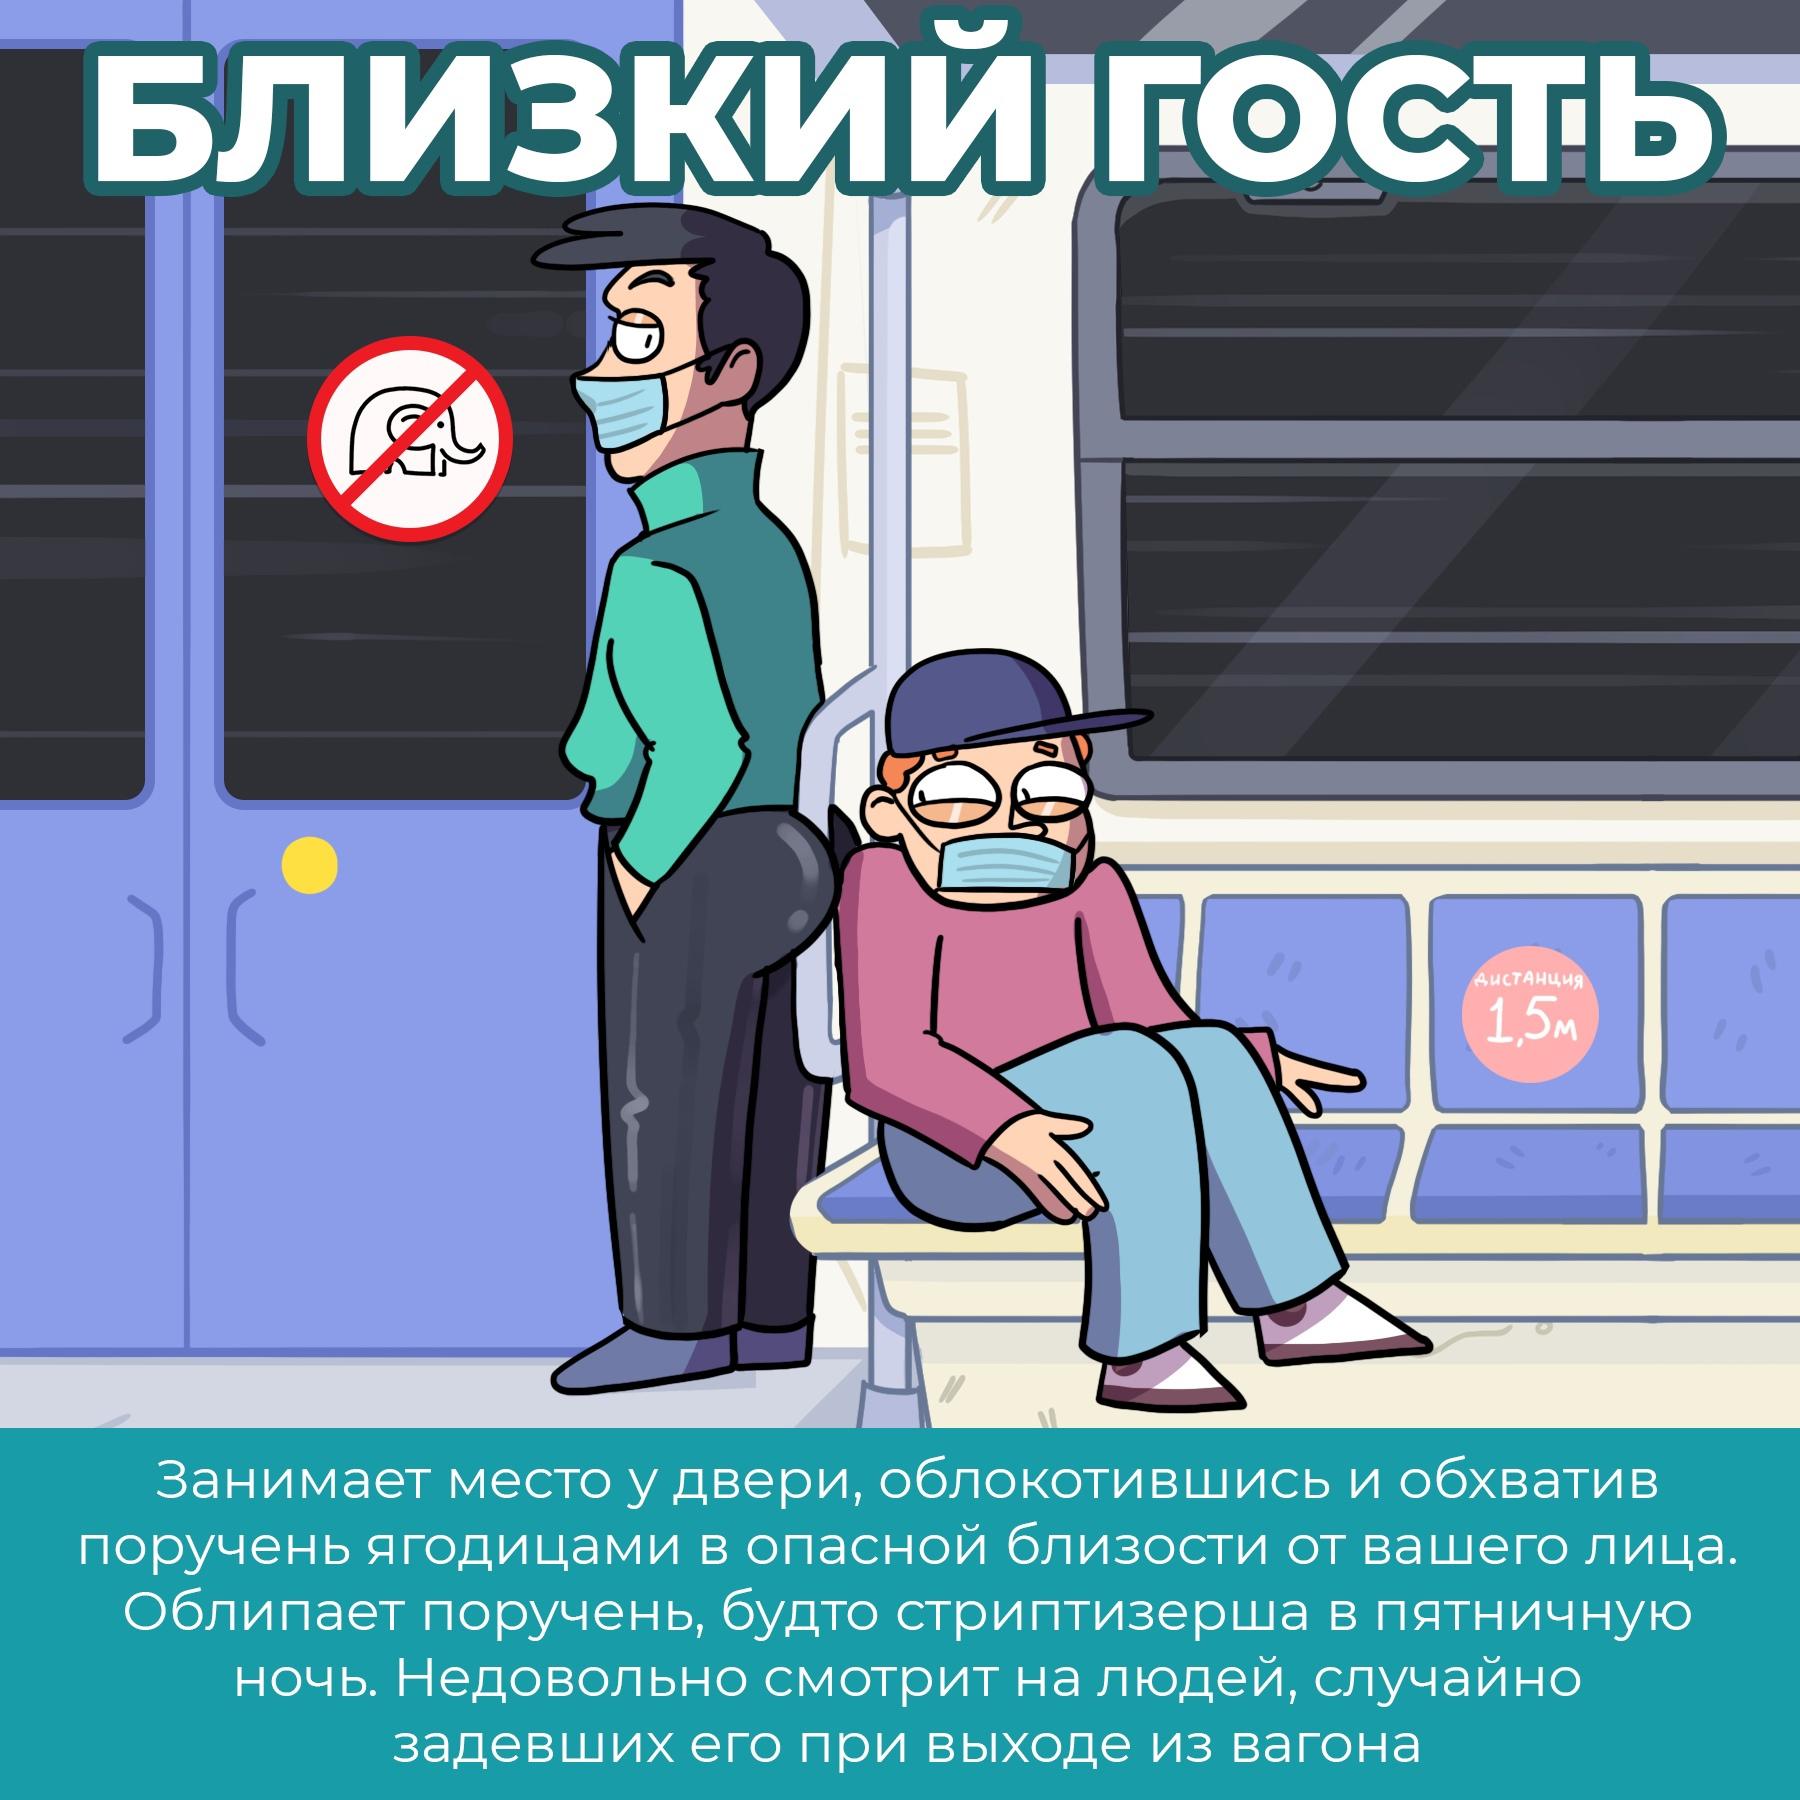 Обитатели метро во время пандемии